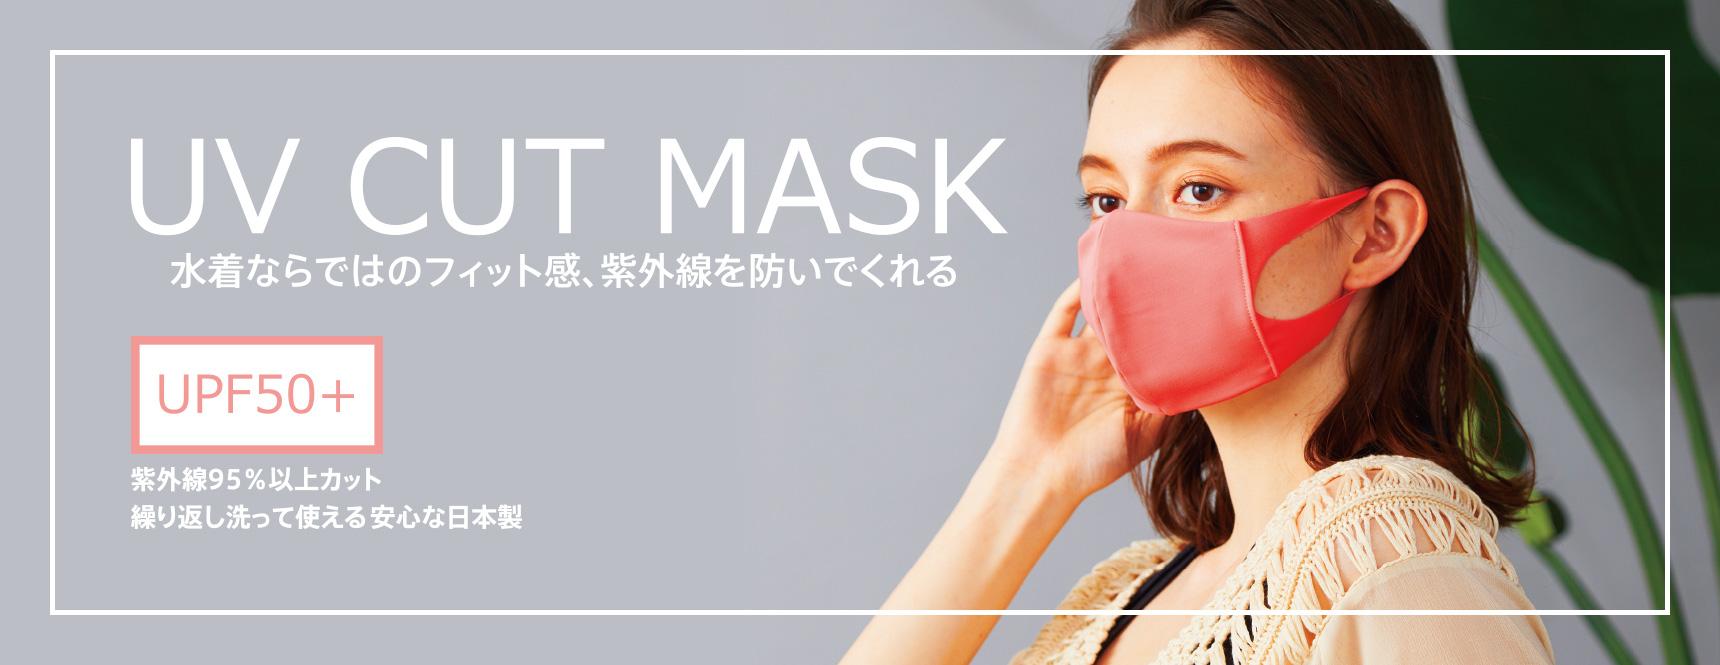 UV CUT MASK|水着ならではのフィット感、紫外線を防いでくれる UPF50+ 紫外線95%以上カット 繰り返し洗って使える安心な日本製